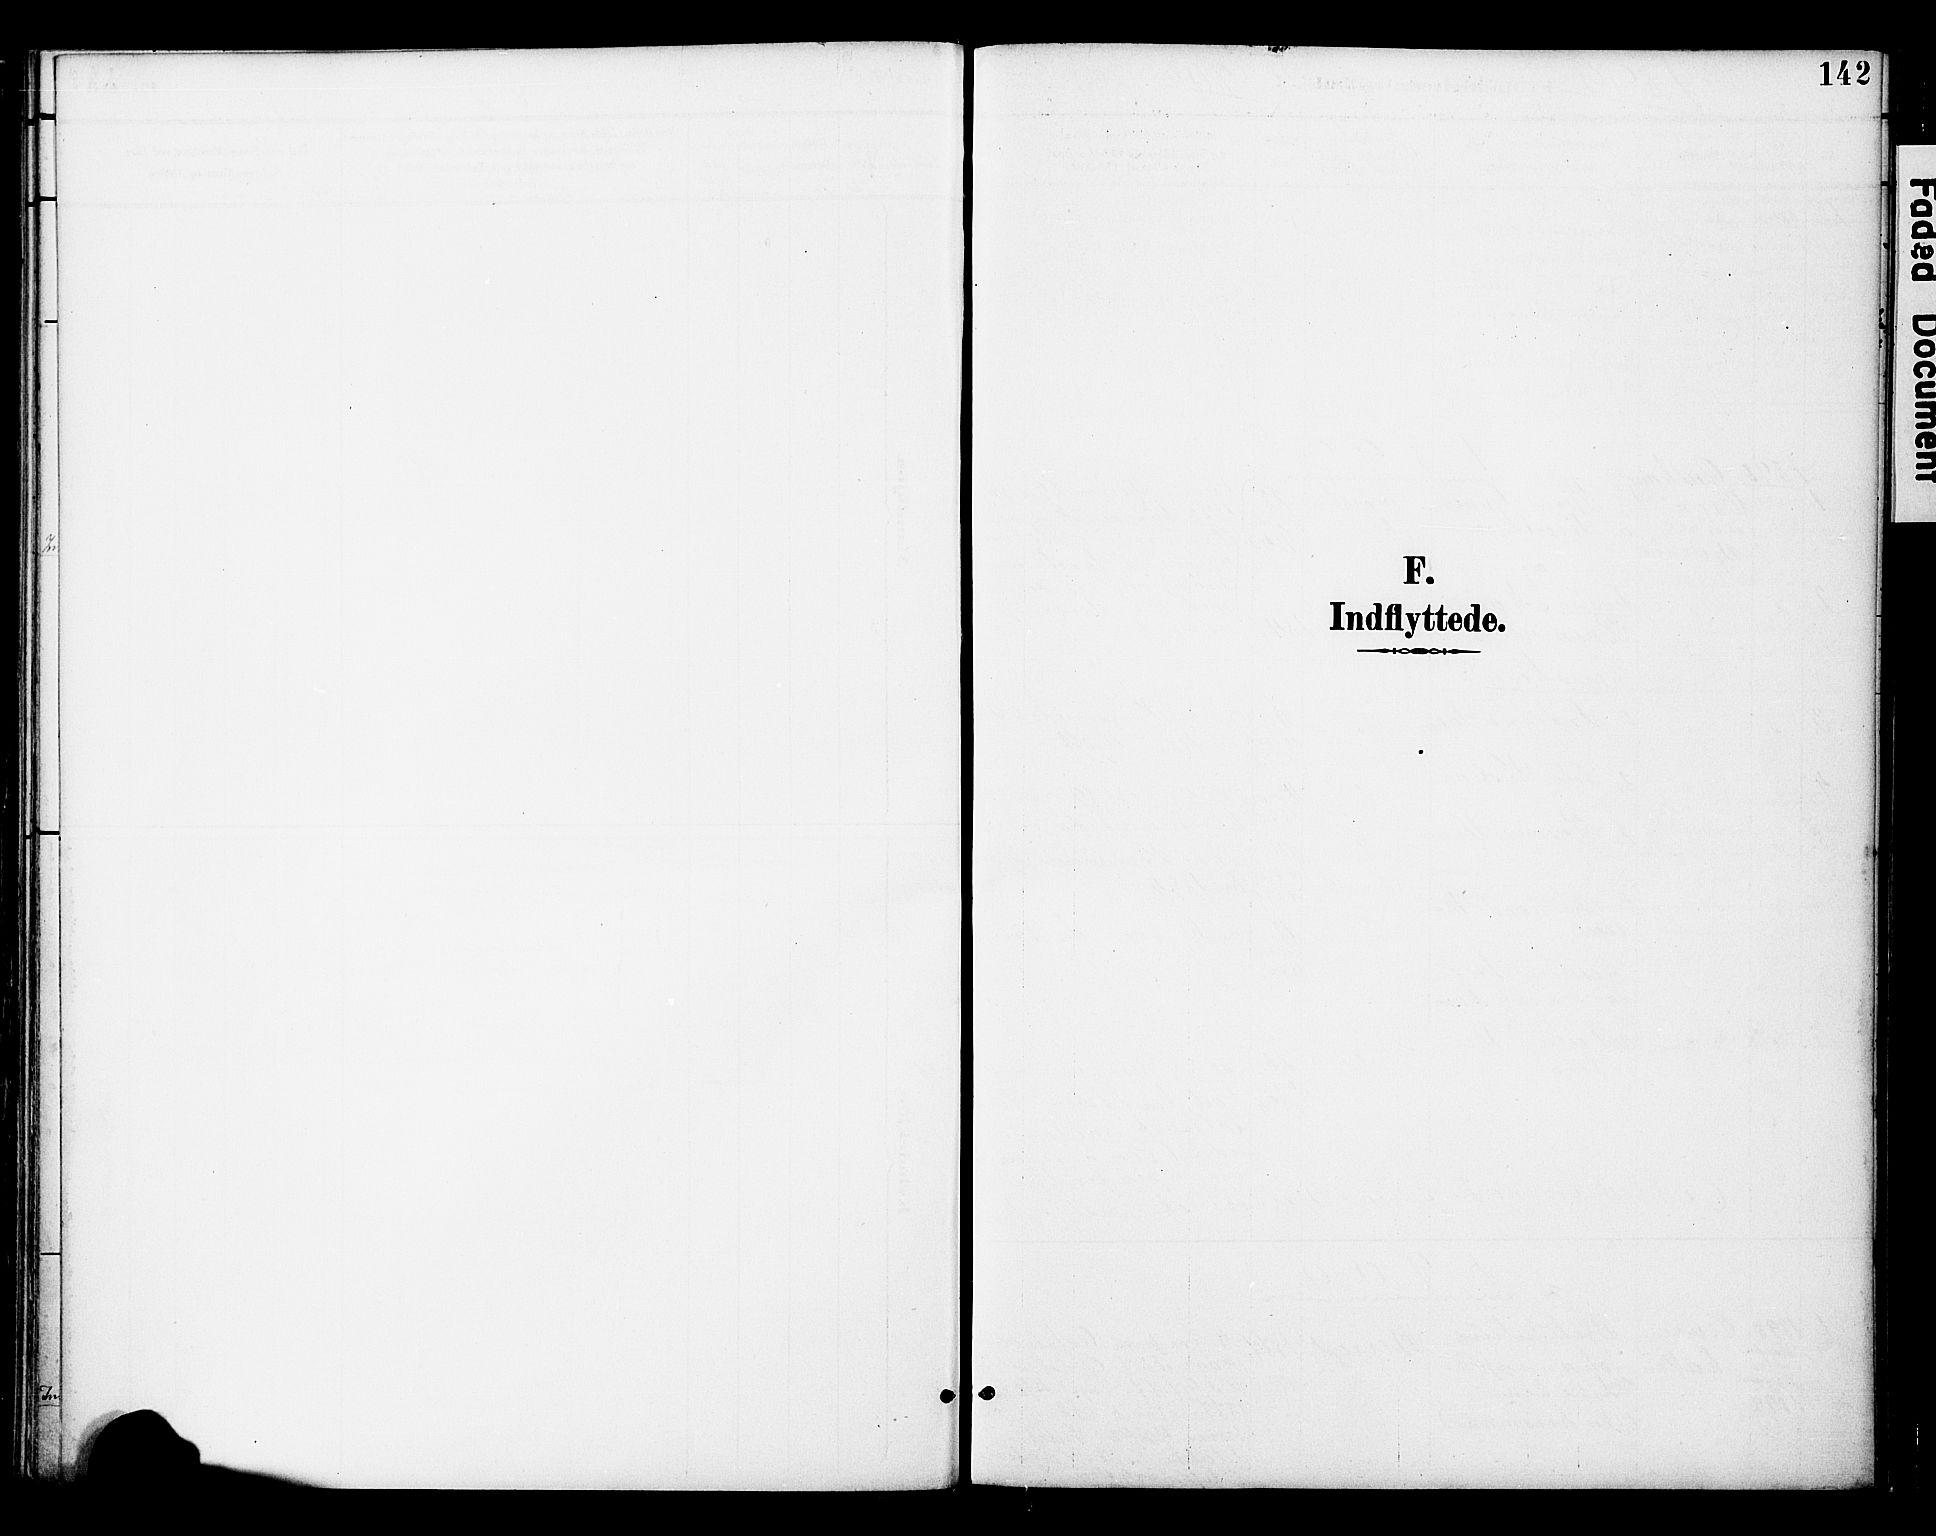 SAT, Ministerialprotokoller, klokkerbøker og fødselsregistre - Nord-Trøndelag, 742/L0409: Ministerialbok nr. 742A02, 1891-1905, s. 142